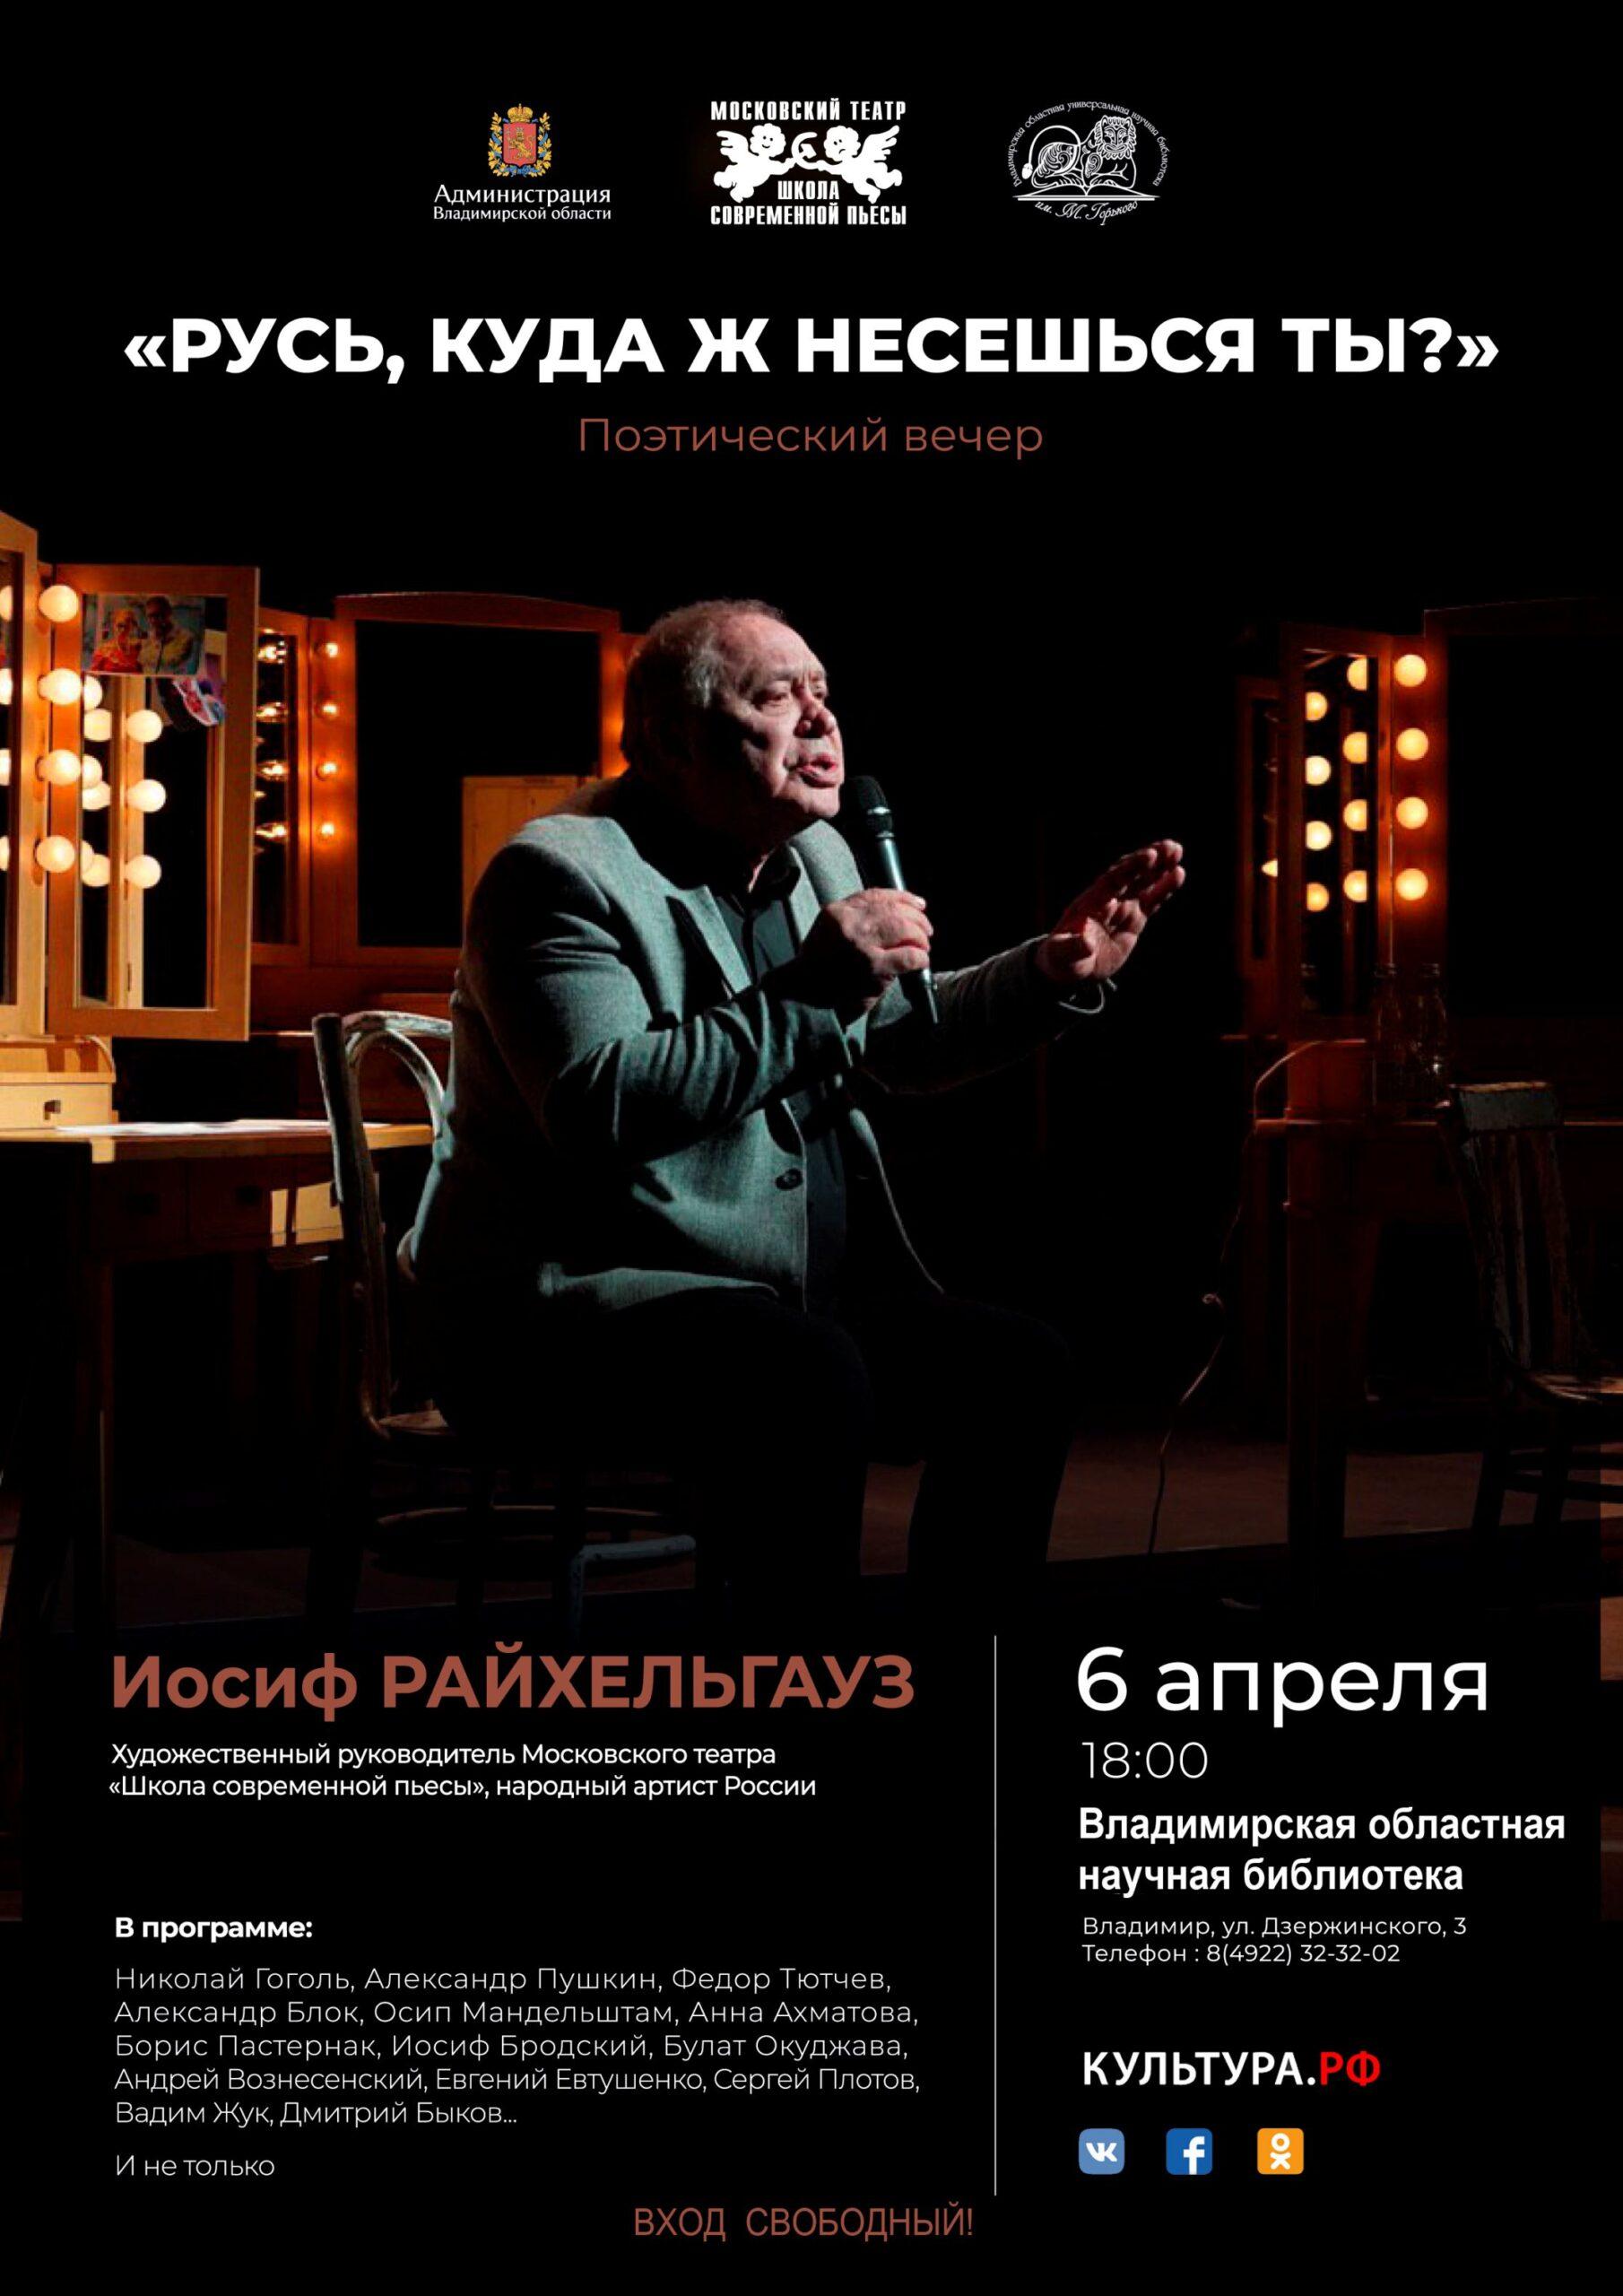 Афиша поэтического вечера Иосифа Райхельгауза